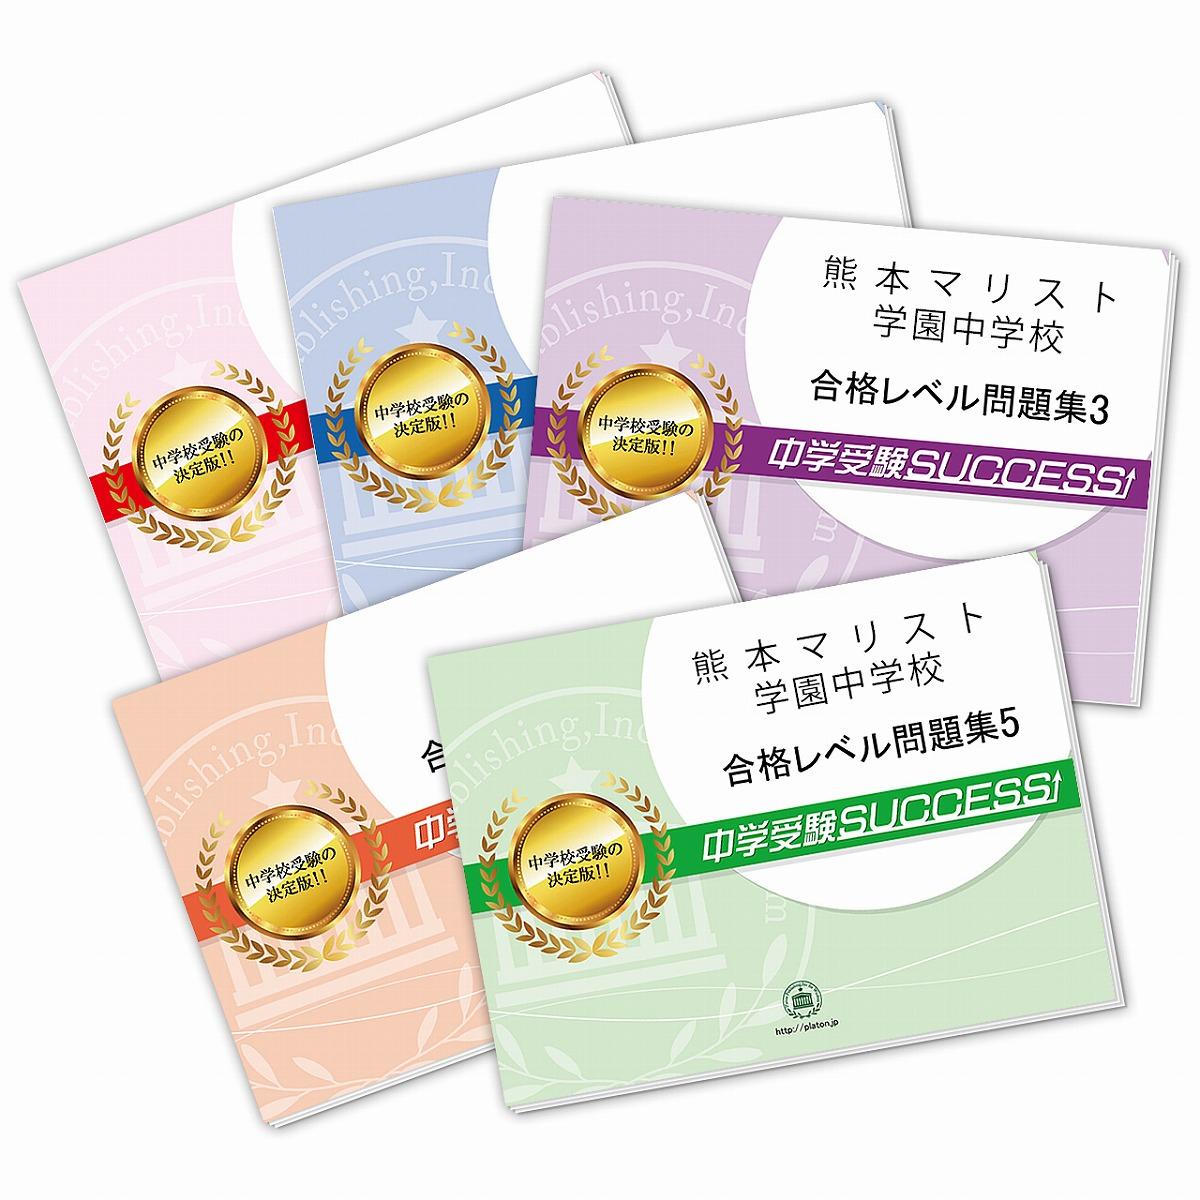 【送料・代引手数料無料】熊本マリスト学園中学校・直前対策合格セット(5冊)